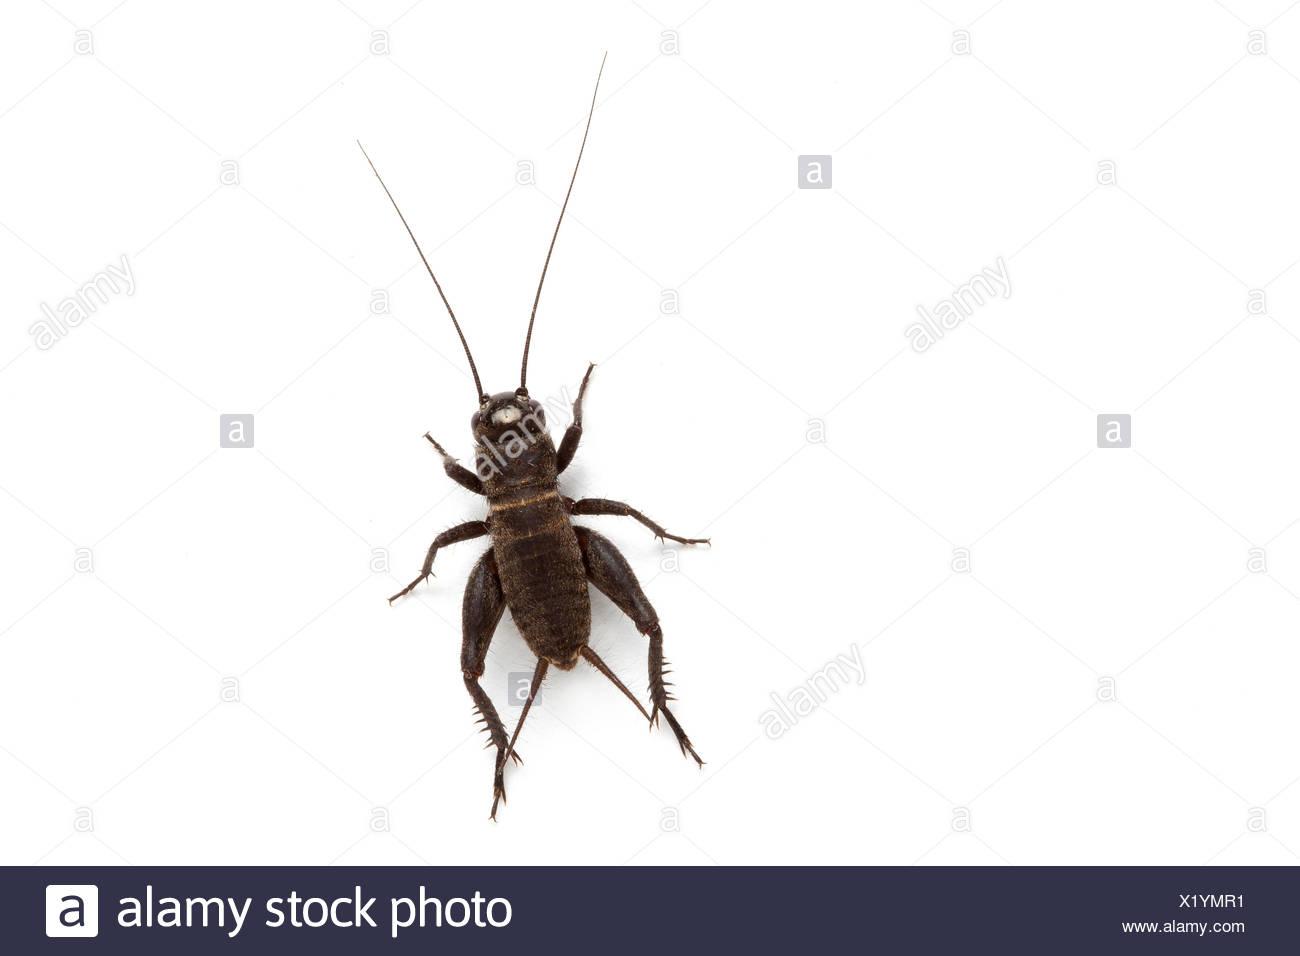 Cricket Imagen De Stock